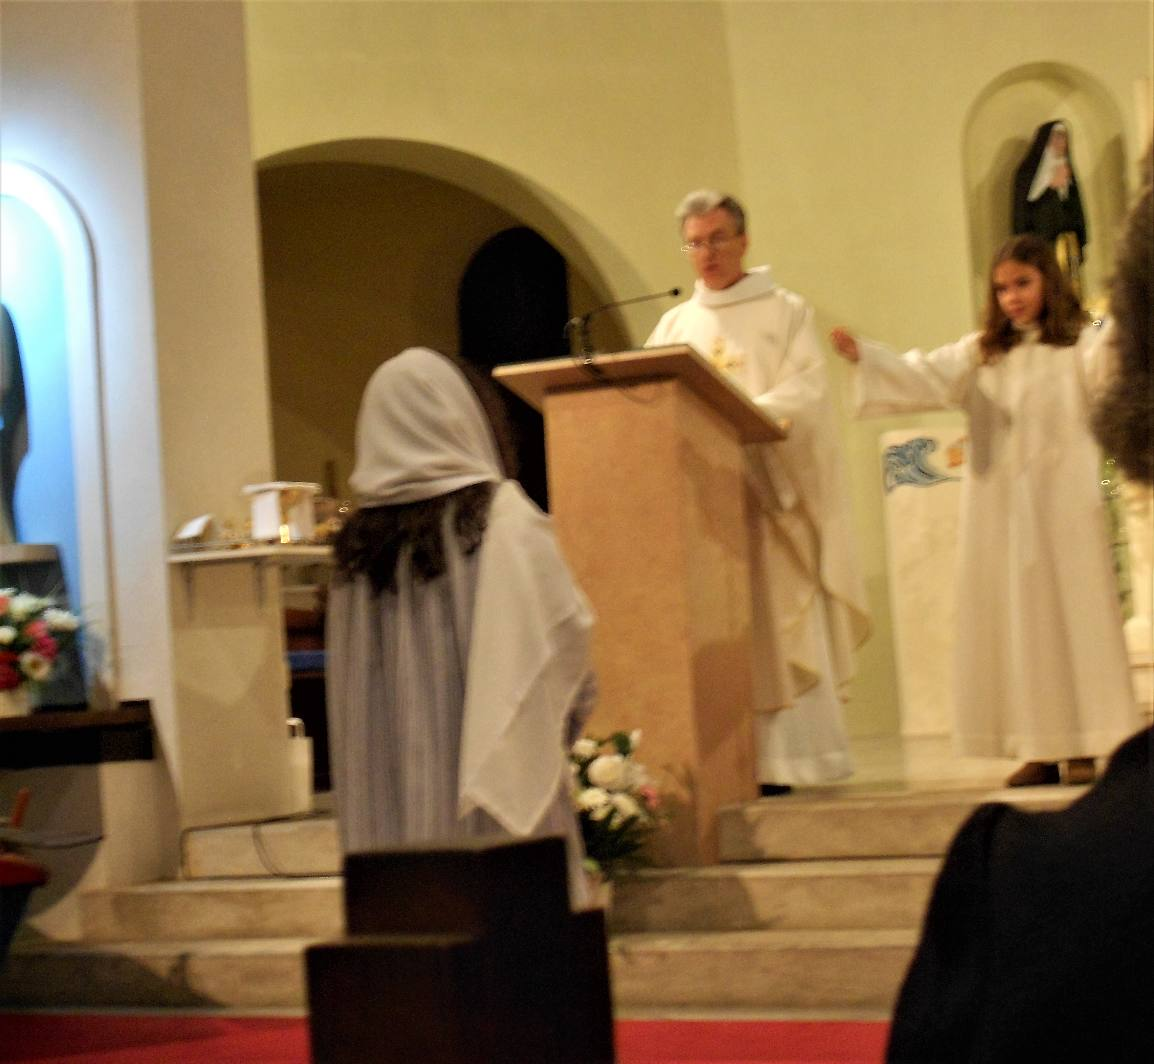 L'ange du Seigneur (Alaine) annonce à Marie (Paloma) le don du Fils de Dieu, Jésus